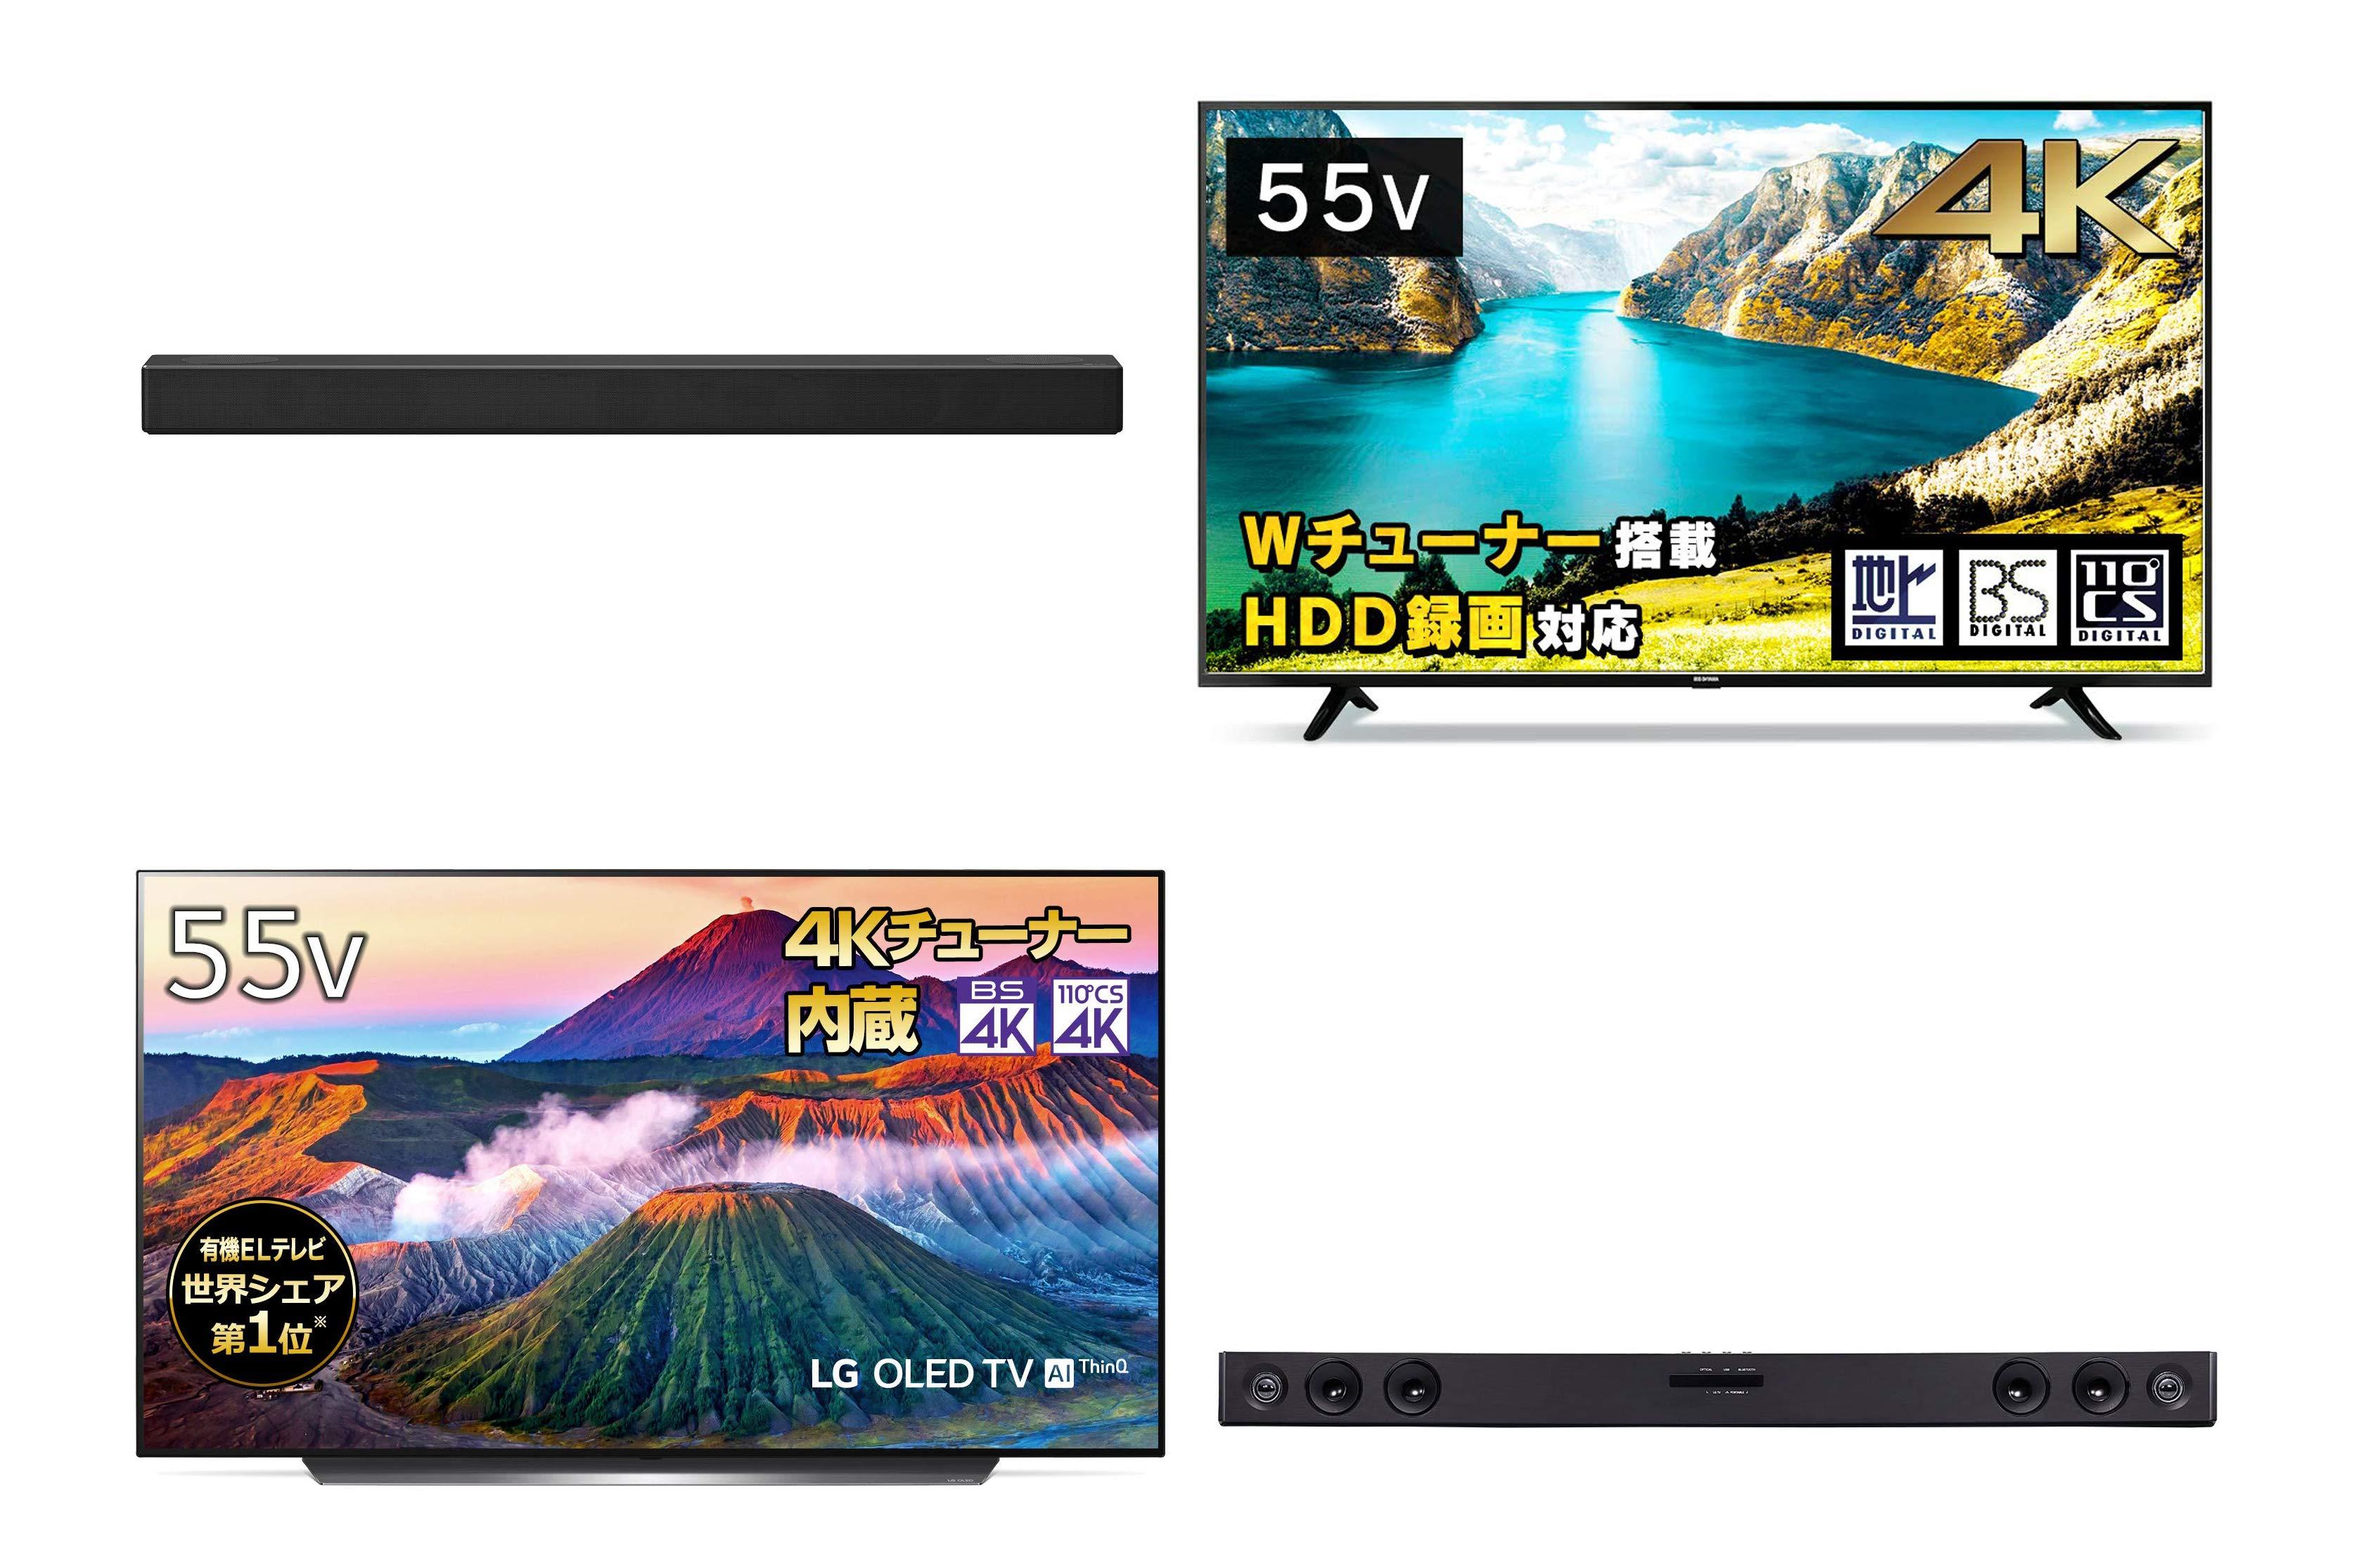 【最大5,000円OFF】LG サウンドバーのまとめ買いキャンペーン